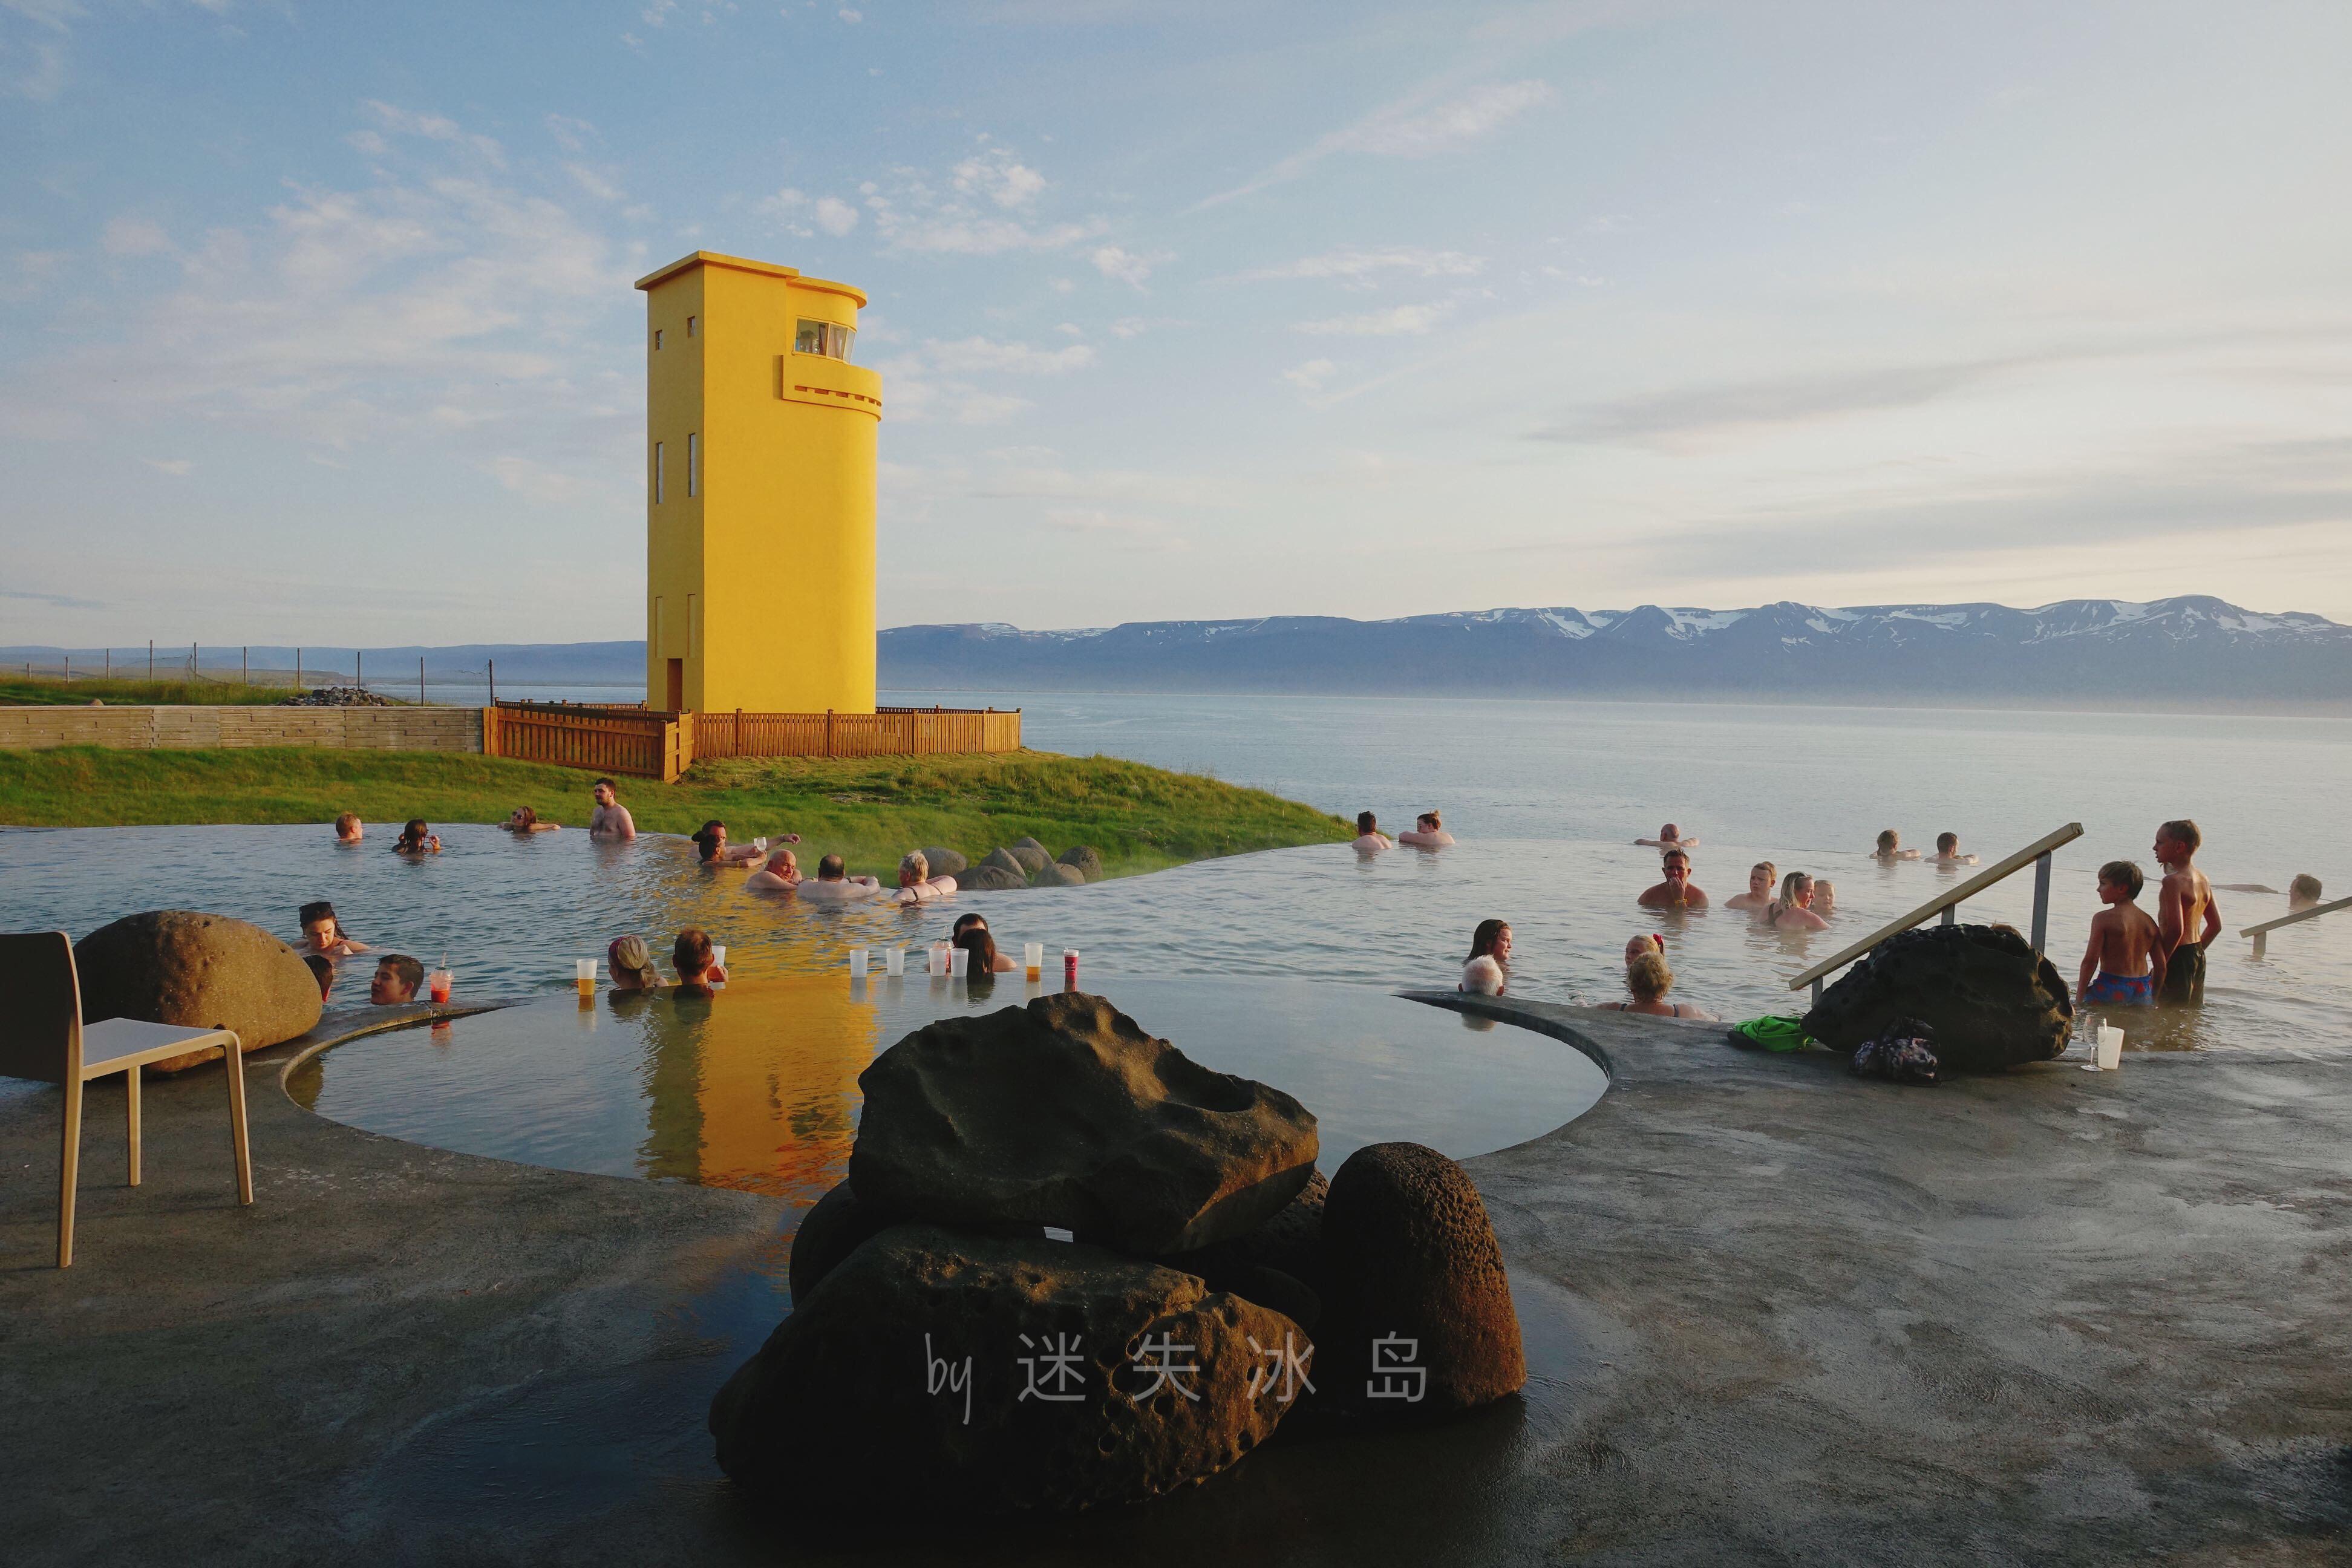 La piscina geotérmica de Geosea está justo al lado del mar y tiene un encantador faro amarillo a su lado.